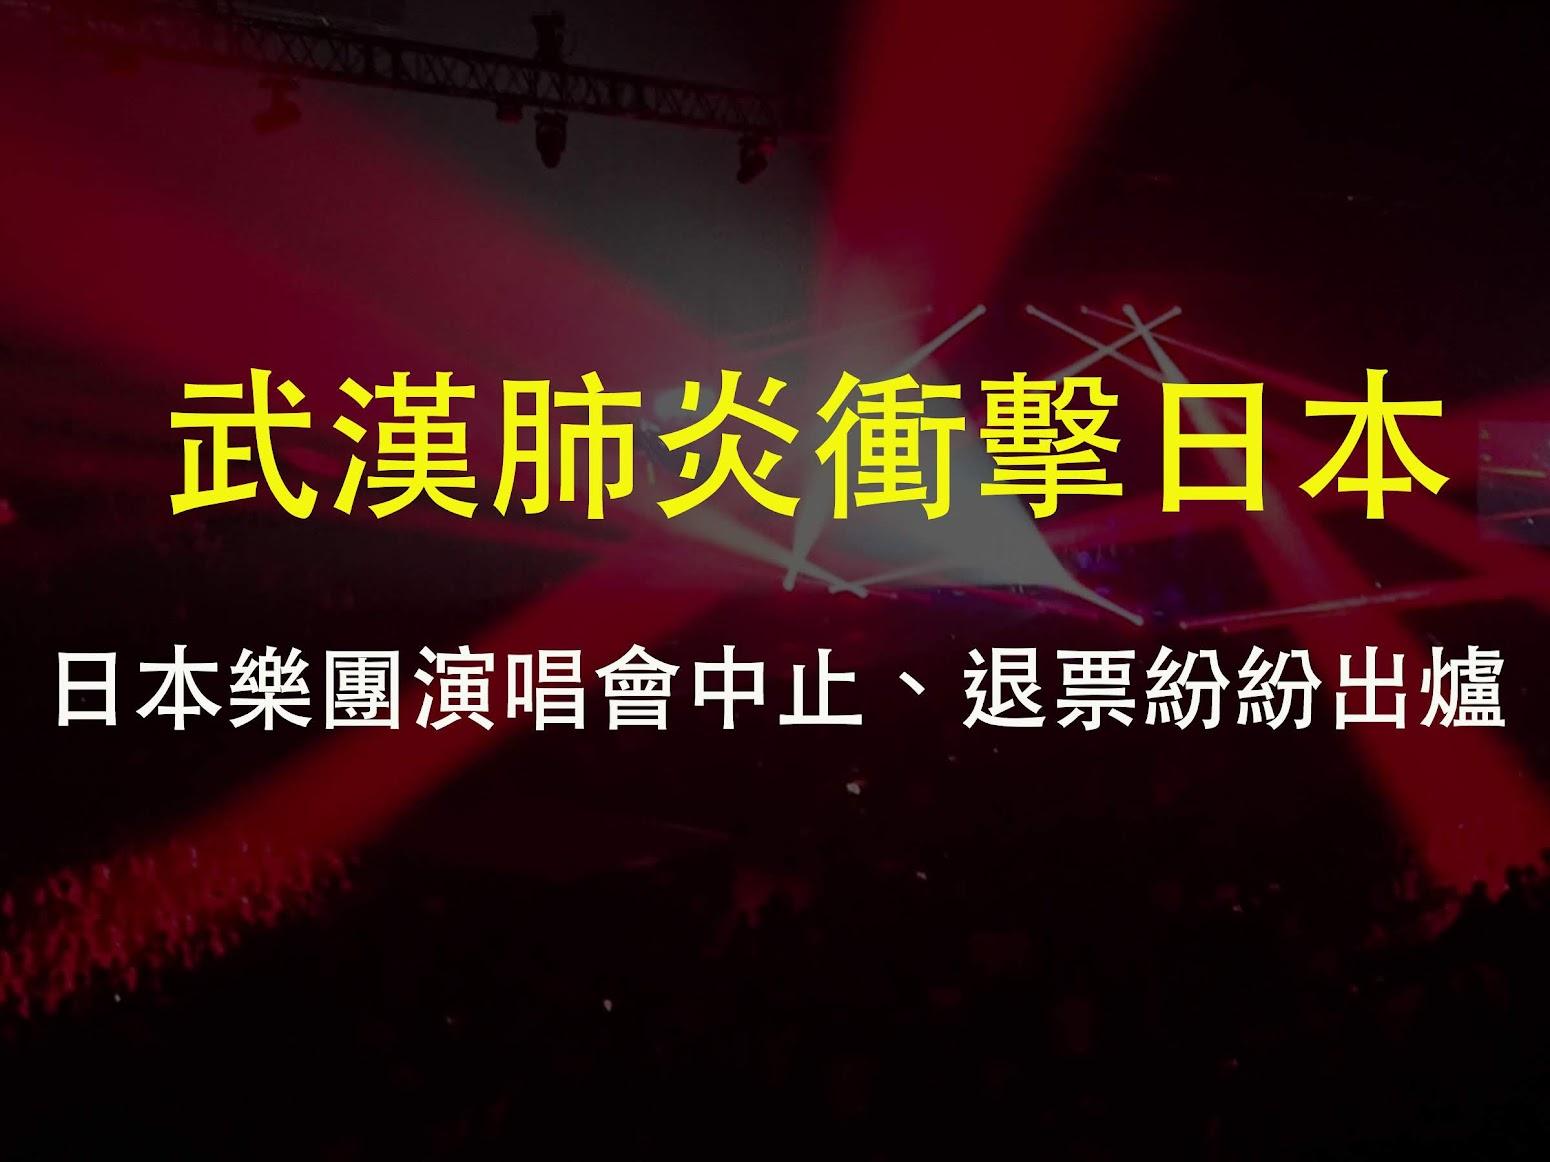 武漢肺炎 衝擊日本  WANIMA 、 赤西仁 巡演喊卡 Perfume 、 EXILE  宣布退票